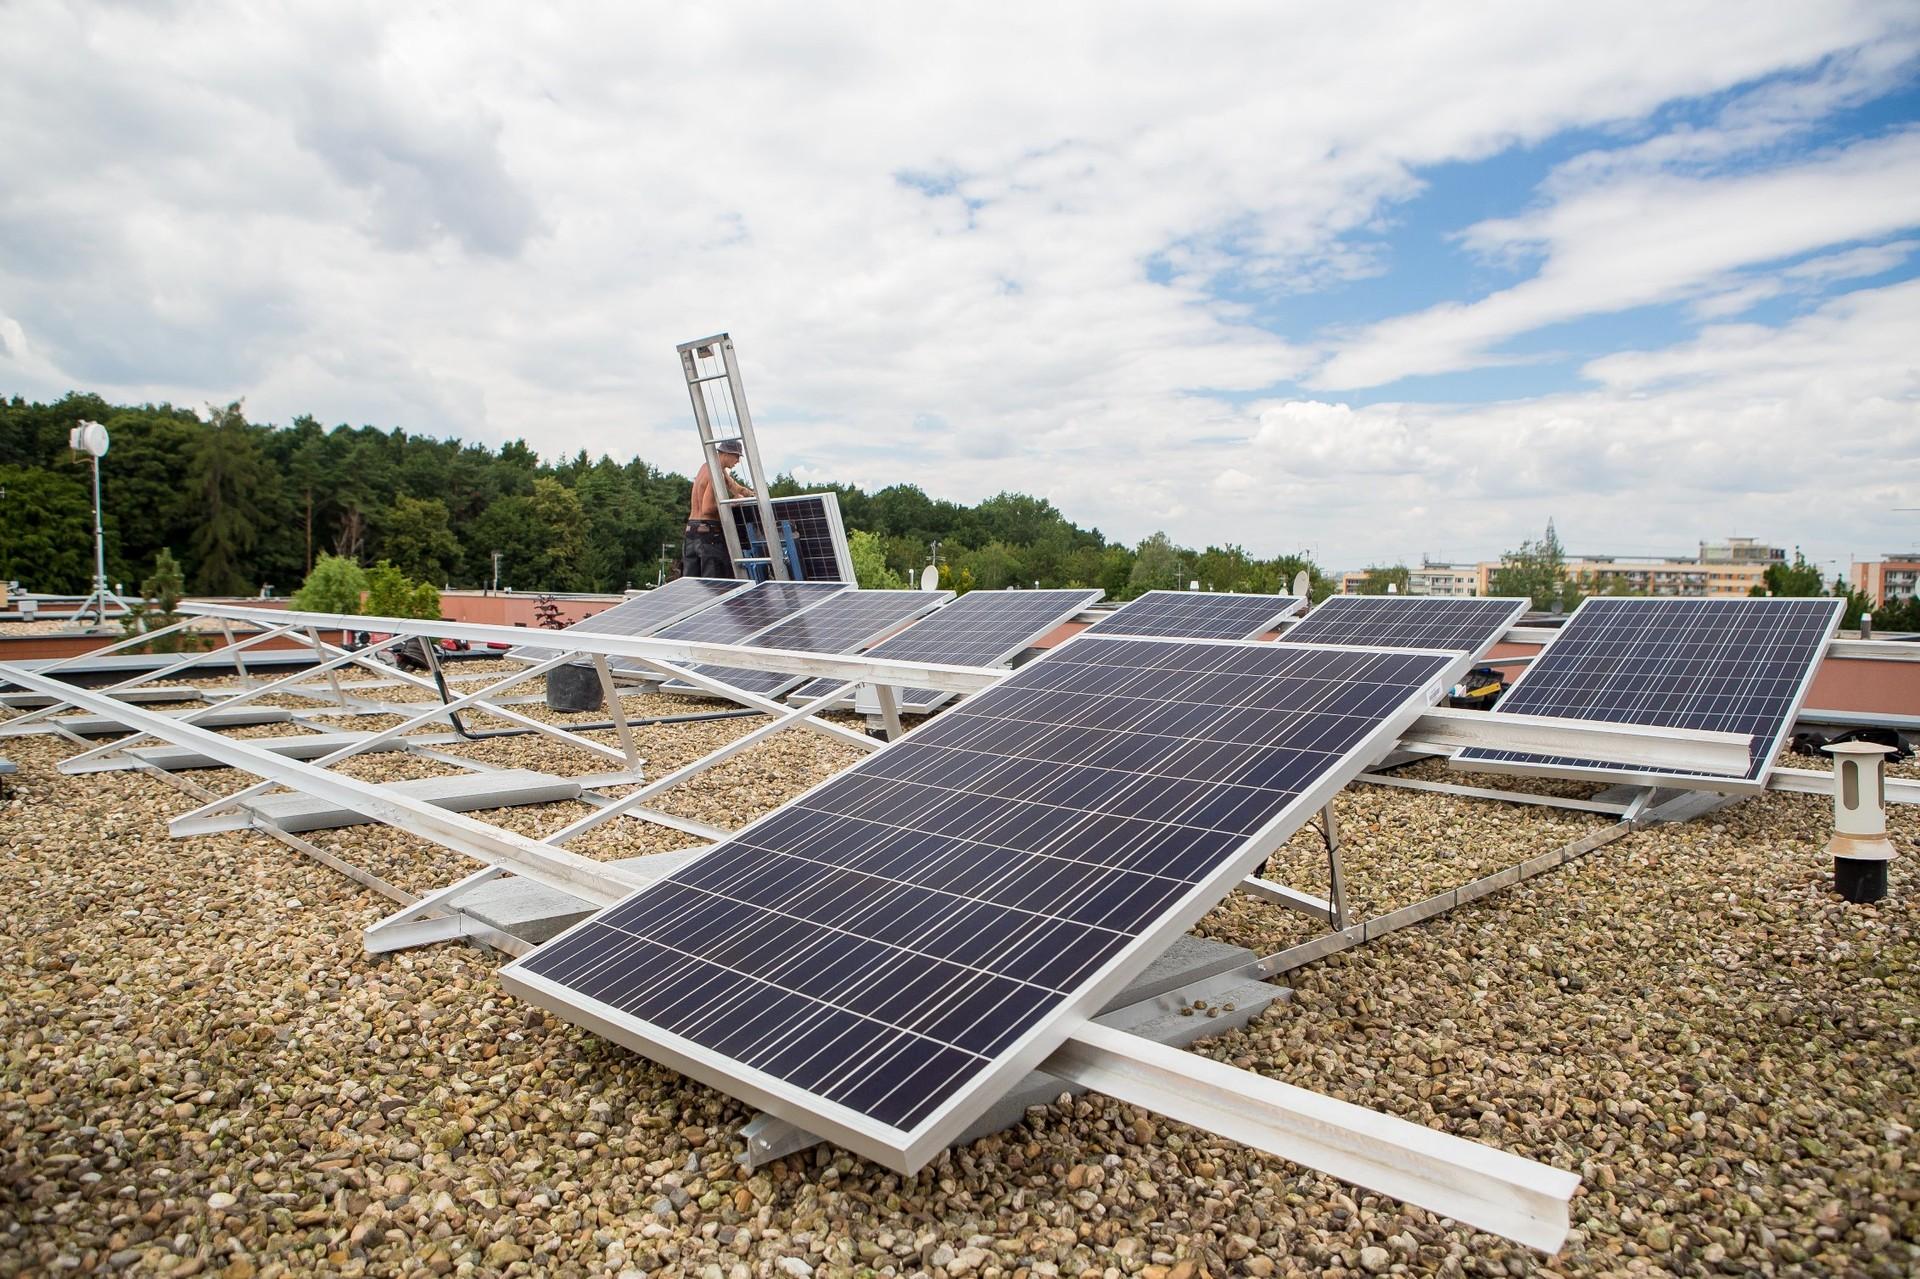 Střešní fotovoltaiky se stávají standardem pro střední třídu